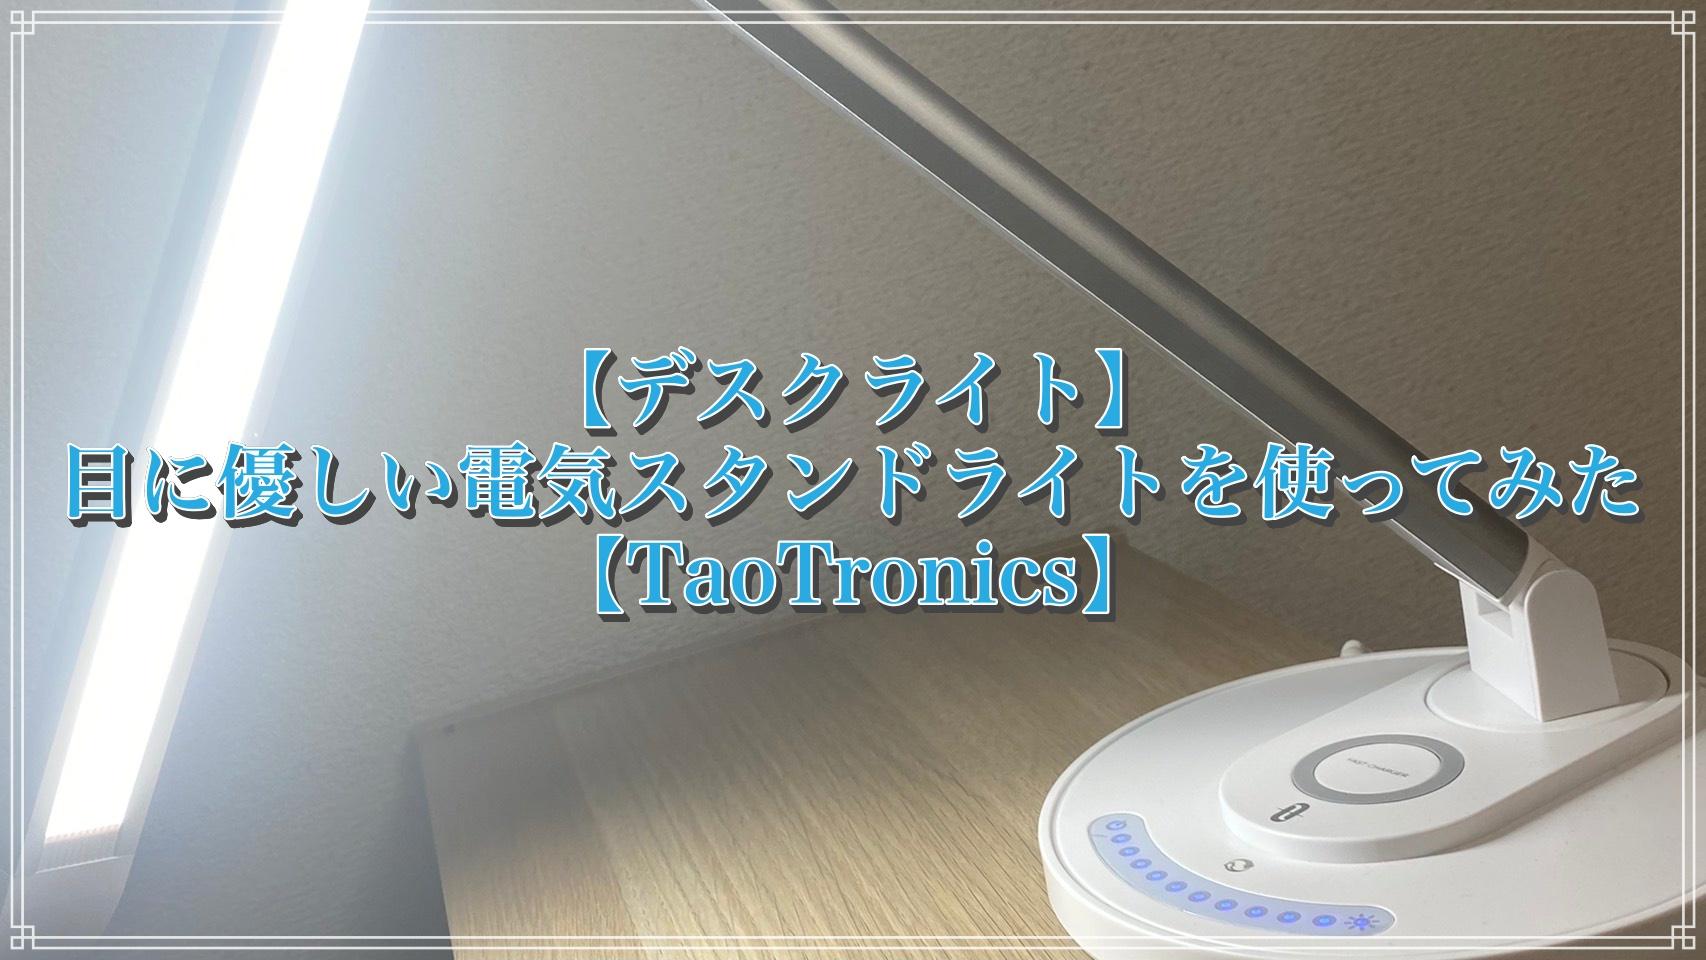 【デスクライト】目に優しい電気スタンドライトを使ってみた【TaoTronics】